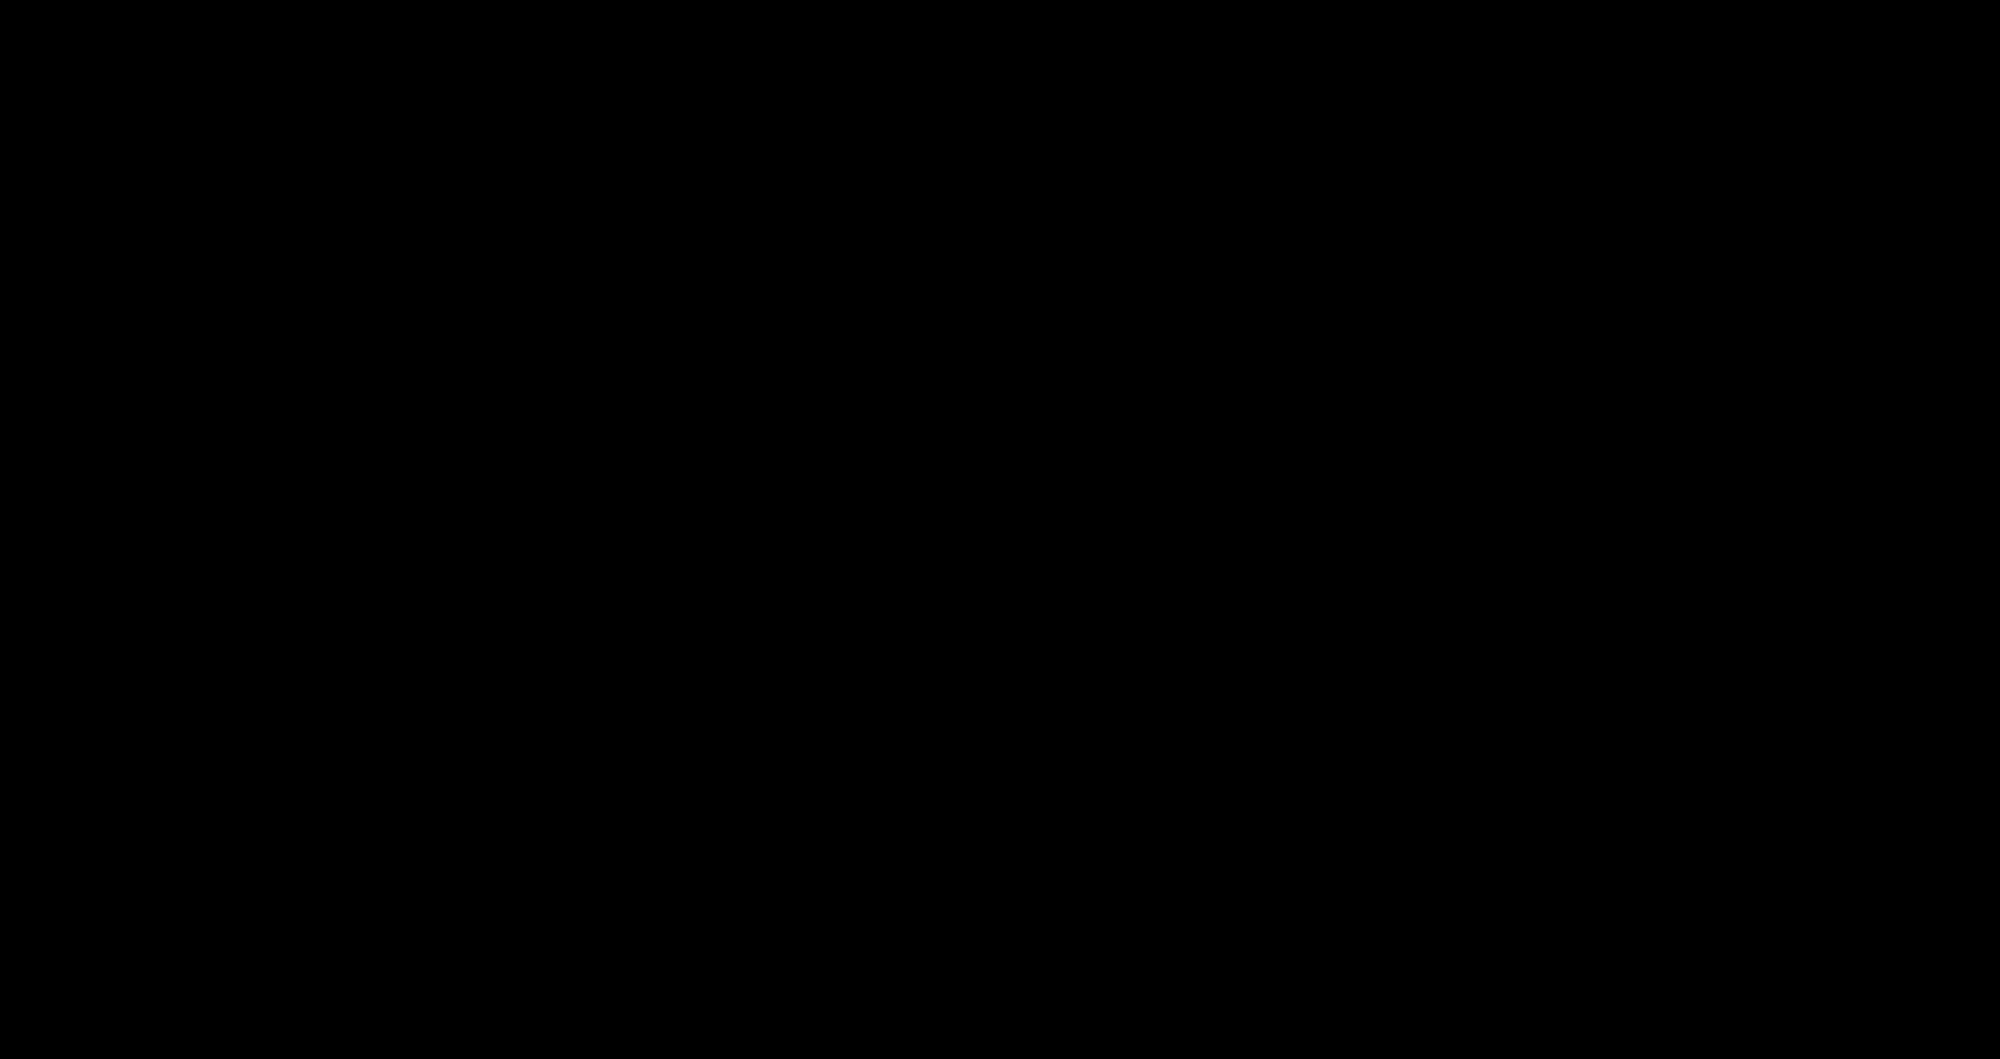 図29.png